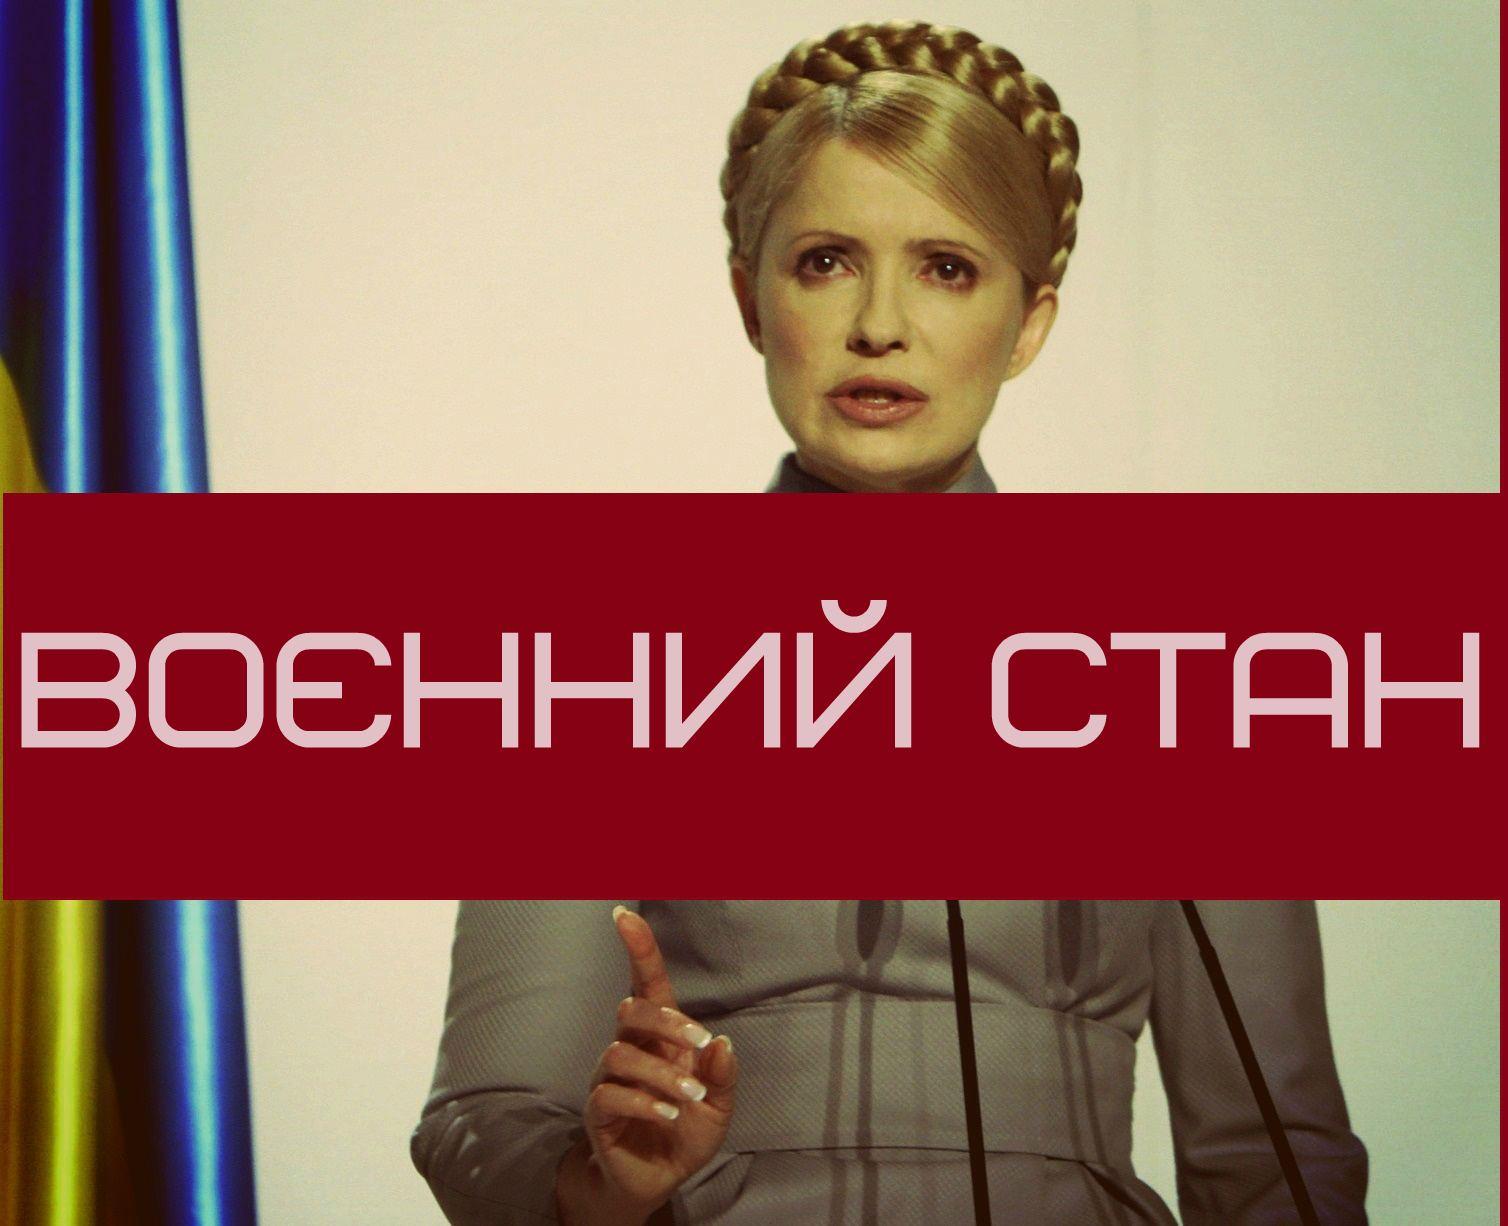 Тимошенко пропонує негайно ввести воєнний стан на Донбасі